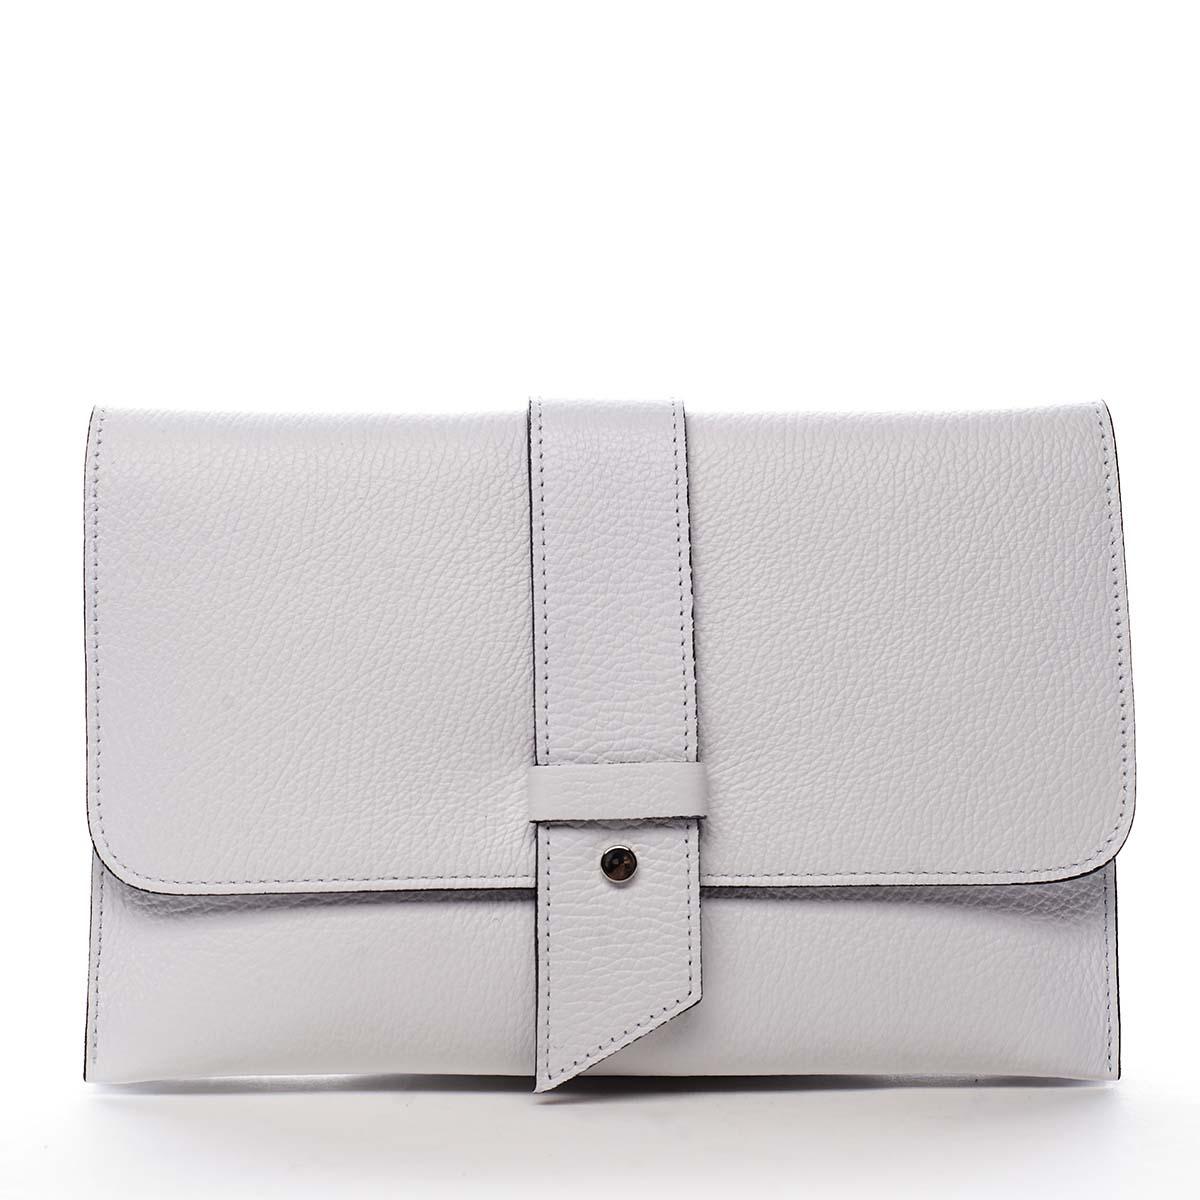 Luxusní dámská kabelka bílá - ItalY Brother